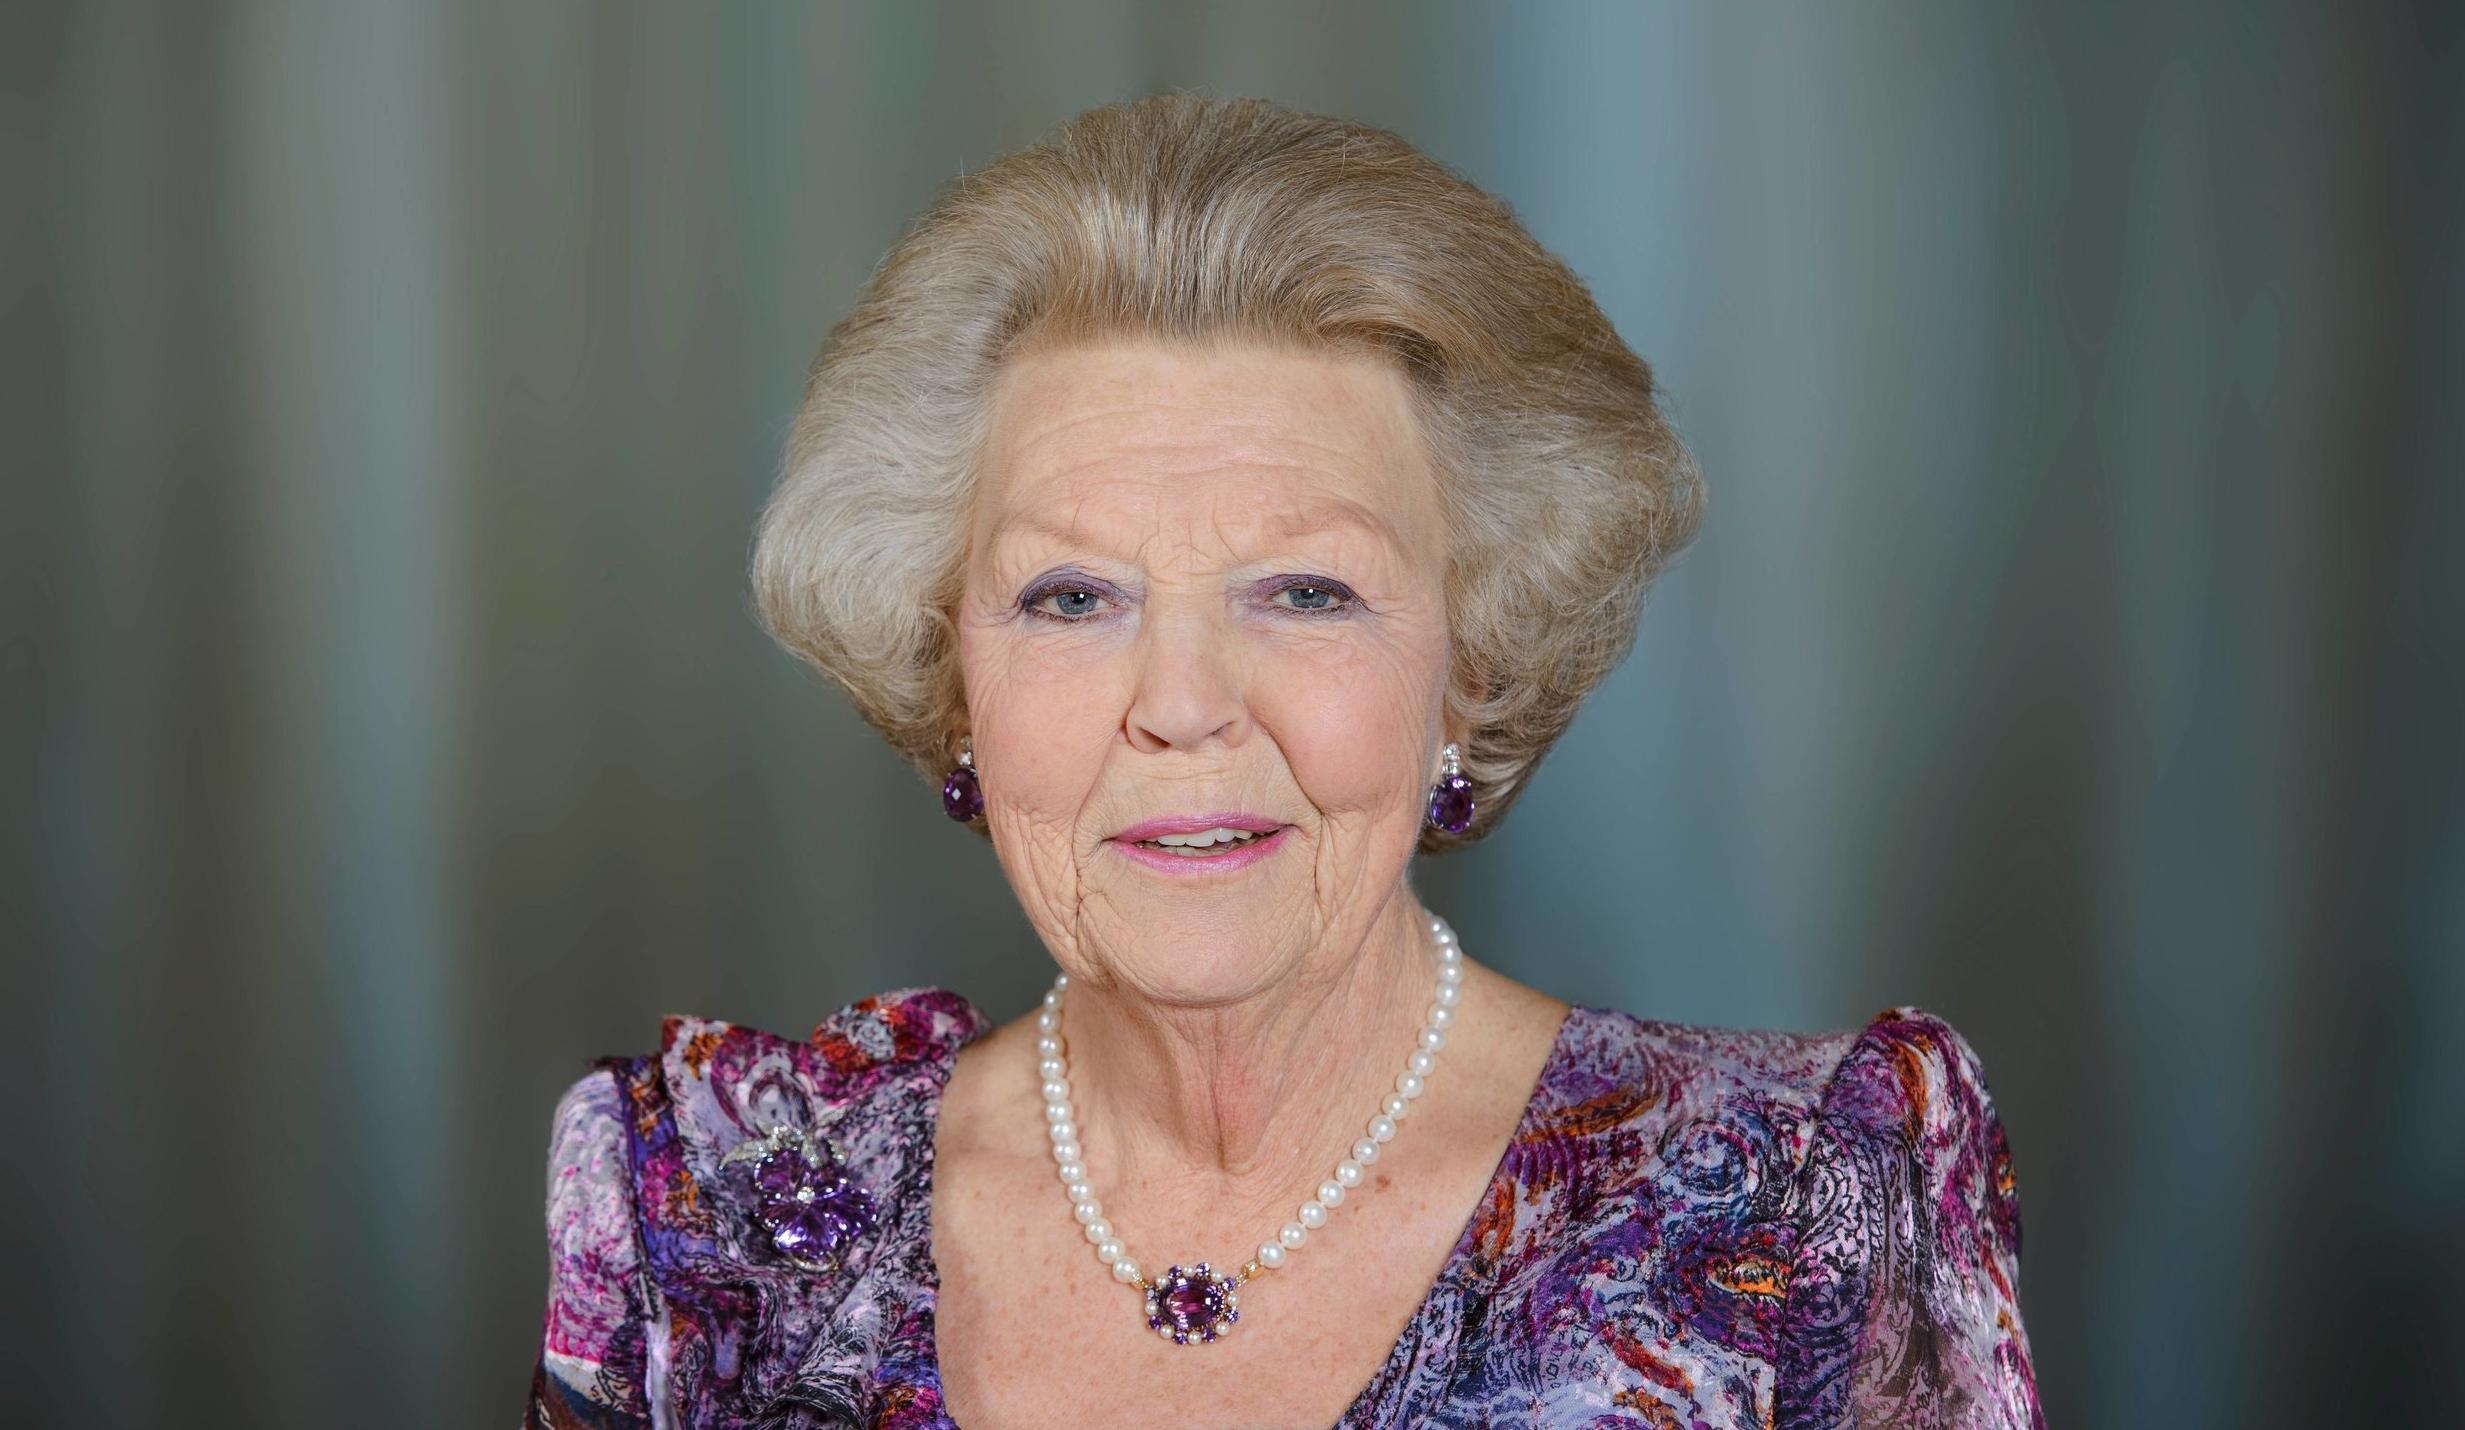 Prinzessin Beatrix  Foto:RVD, Jeroen van der Meyde